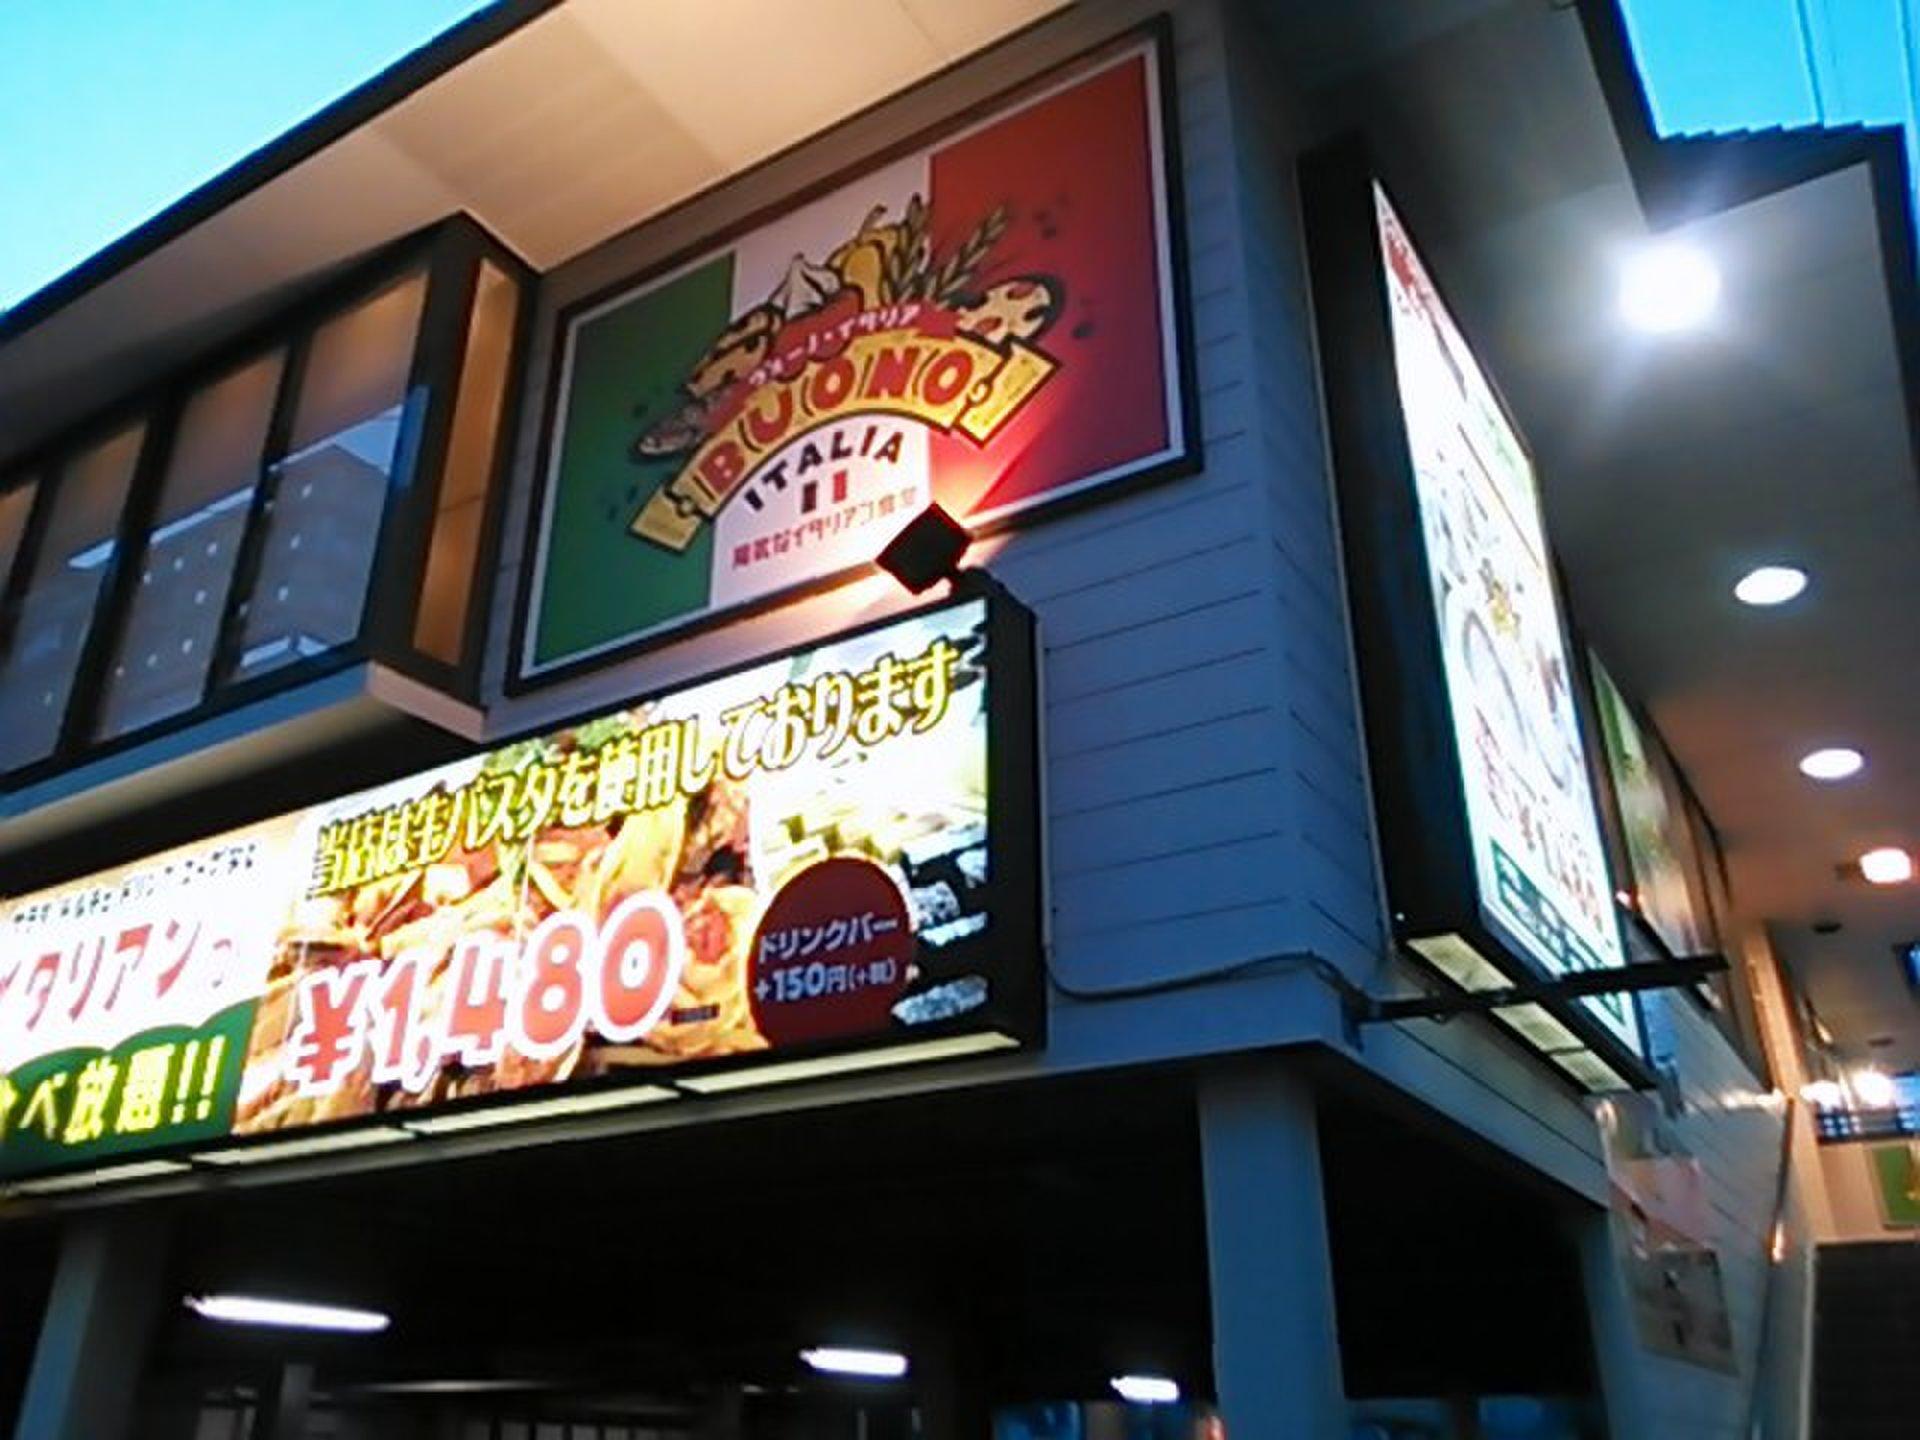 陽気なイタリアン食堂♪ヴォーノ「時間制限なしの食べ放題で1480円!」に行ってきましたぁ~☆